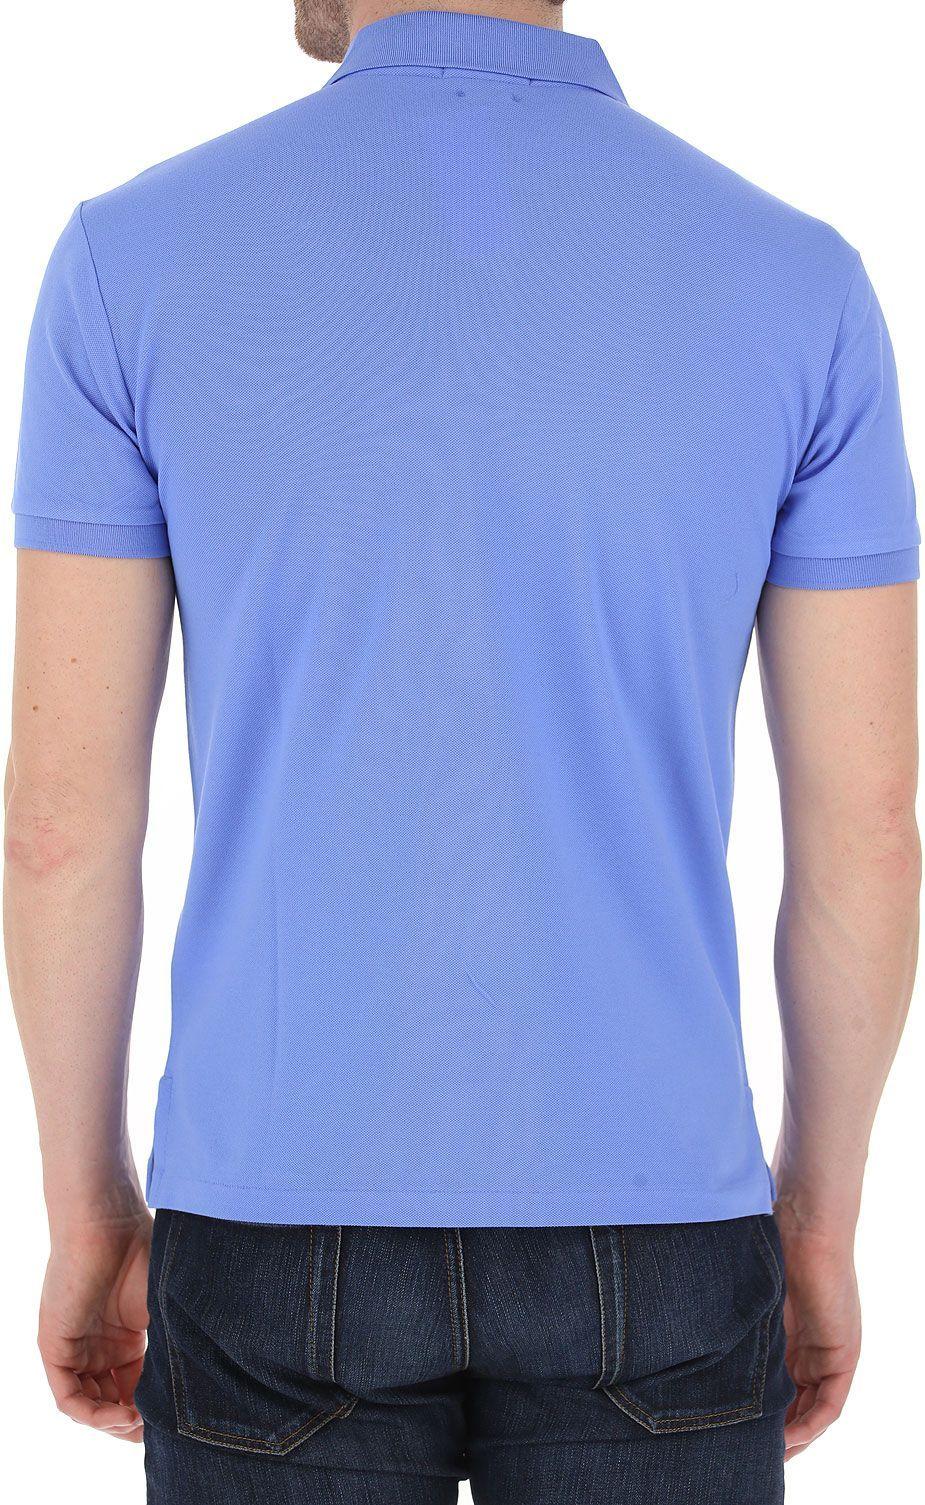 RALPH LAUREN MEN'S 710541705056 LIGHT BLUE COTTON POLO SHIRT